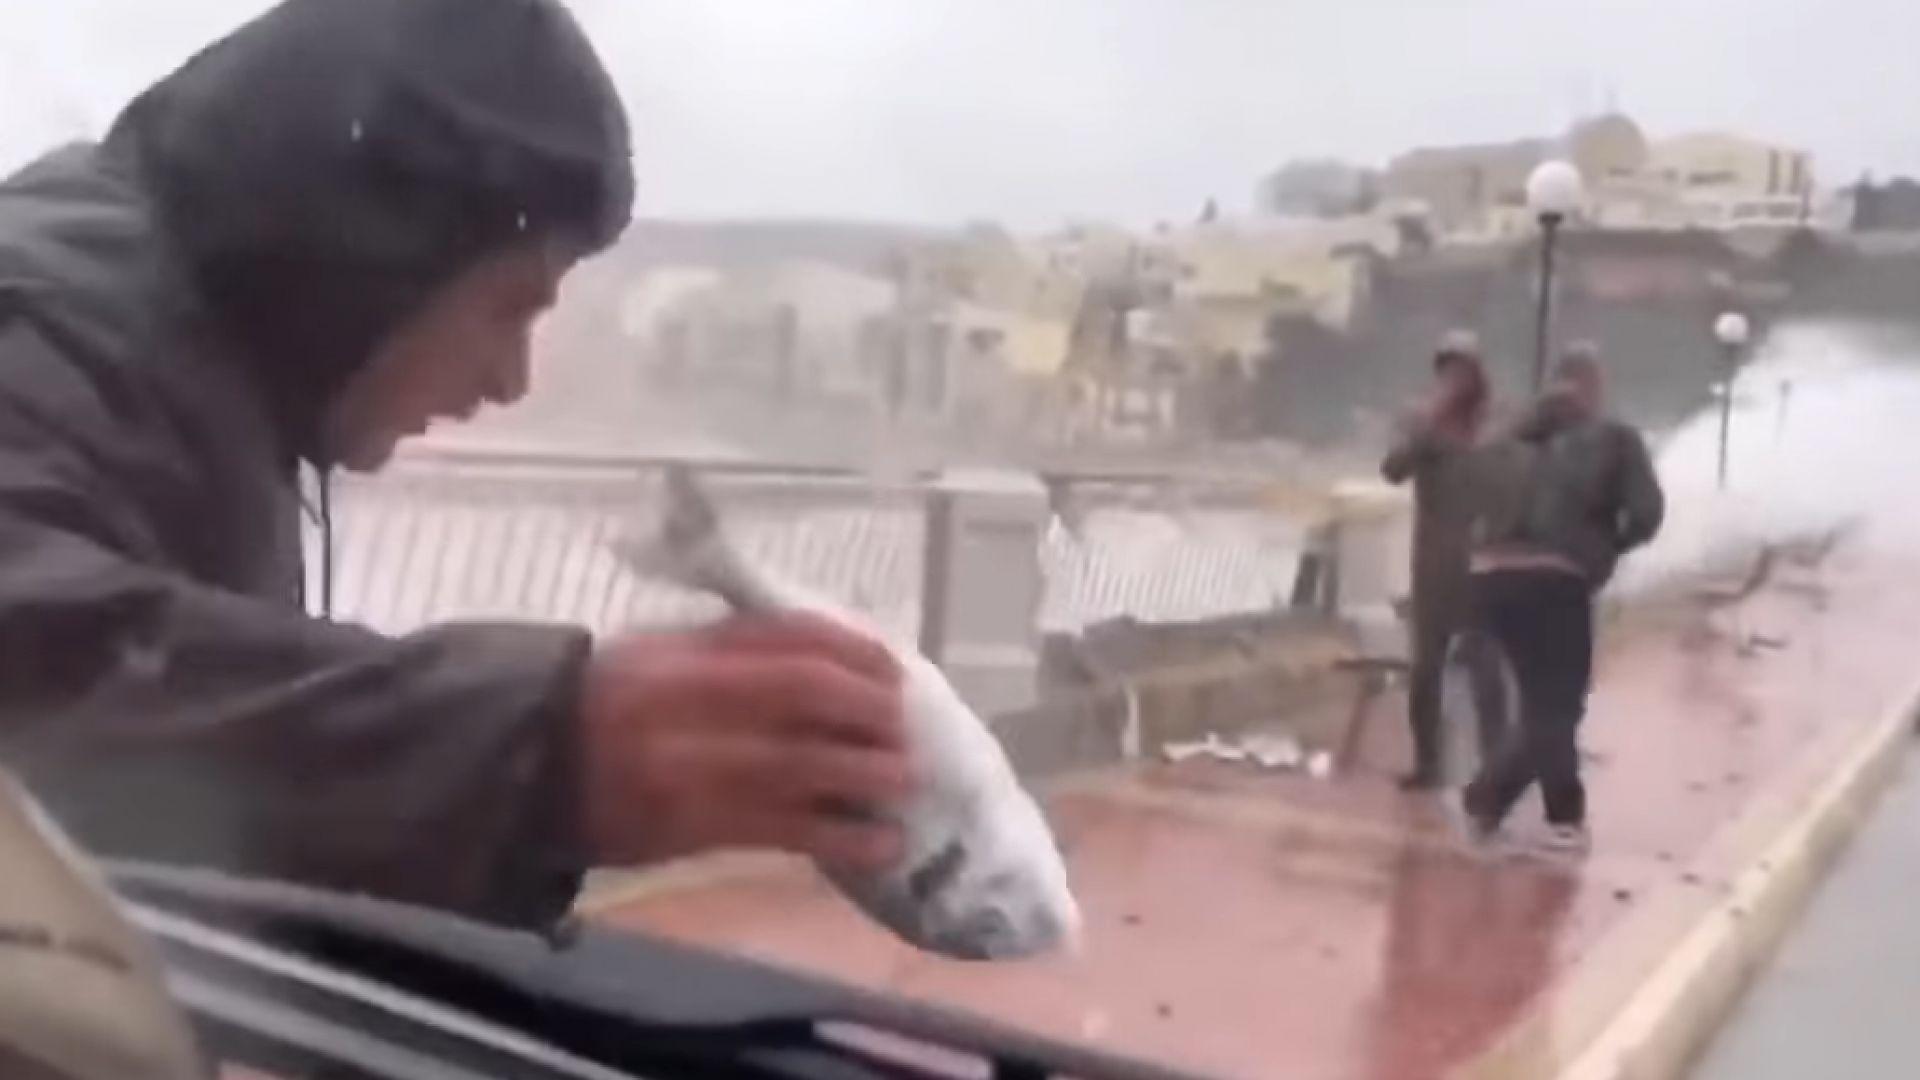 """Вятър предизвика """"дъжд"""" от риби"""" в Малта, а над Гибралтар едва не свали самолет (видео)"""